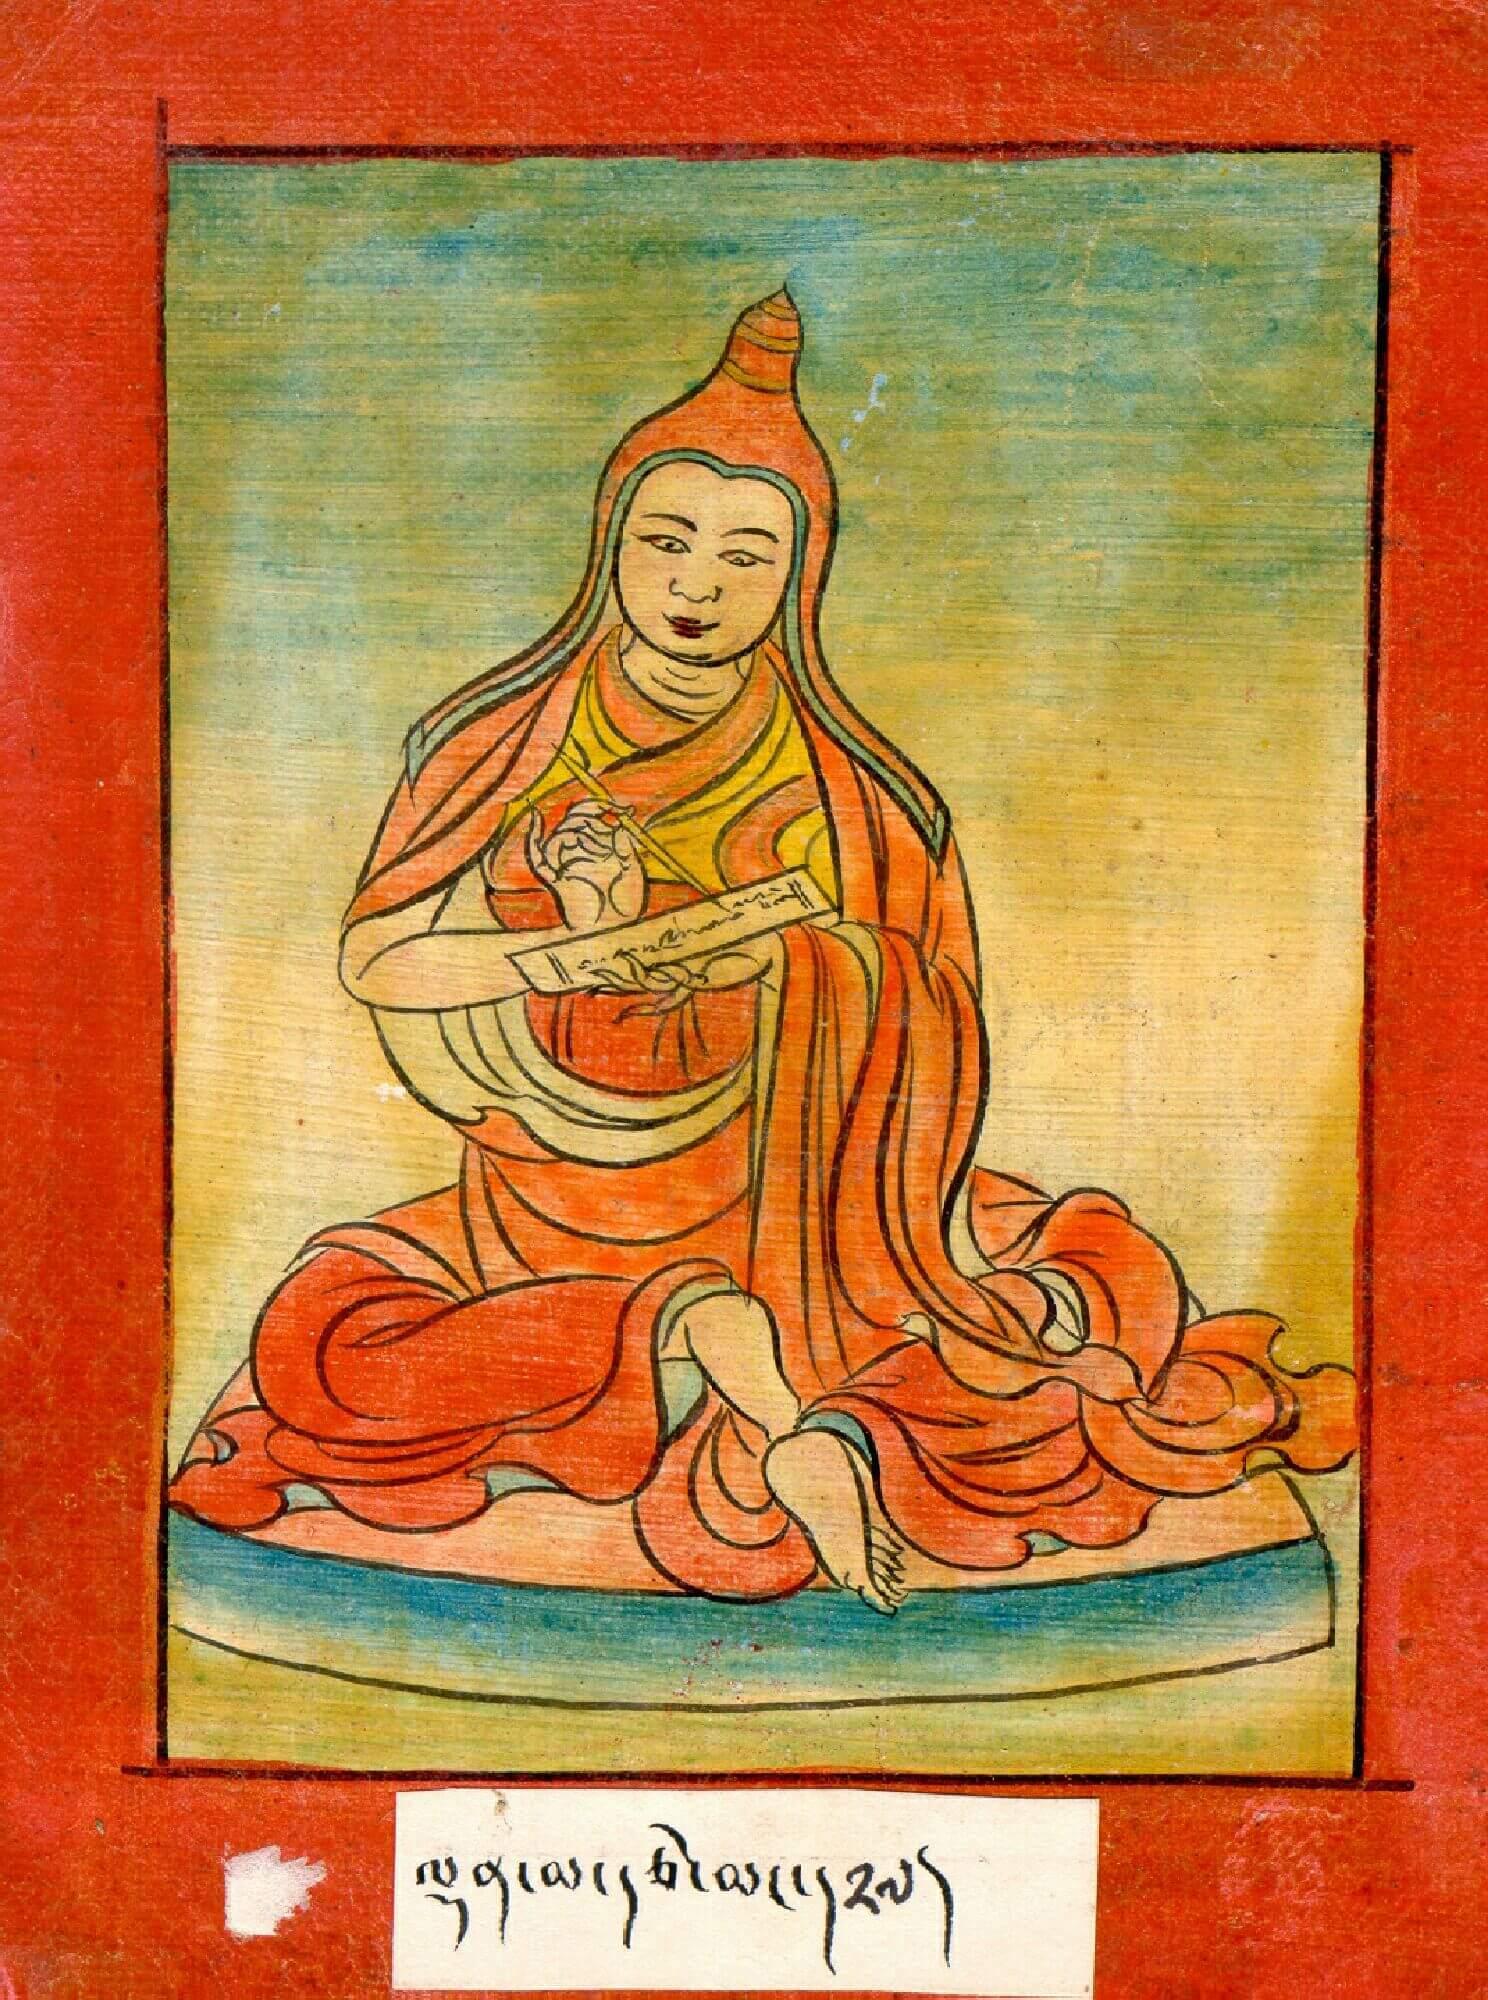 Denma Tsemang